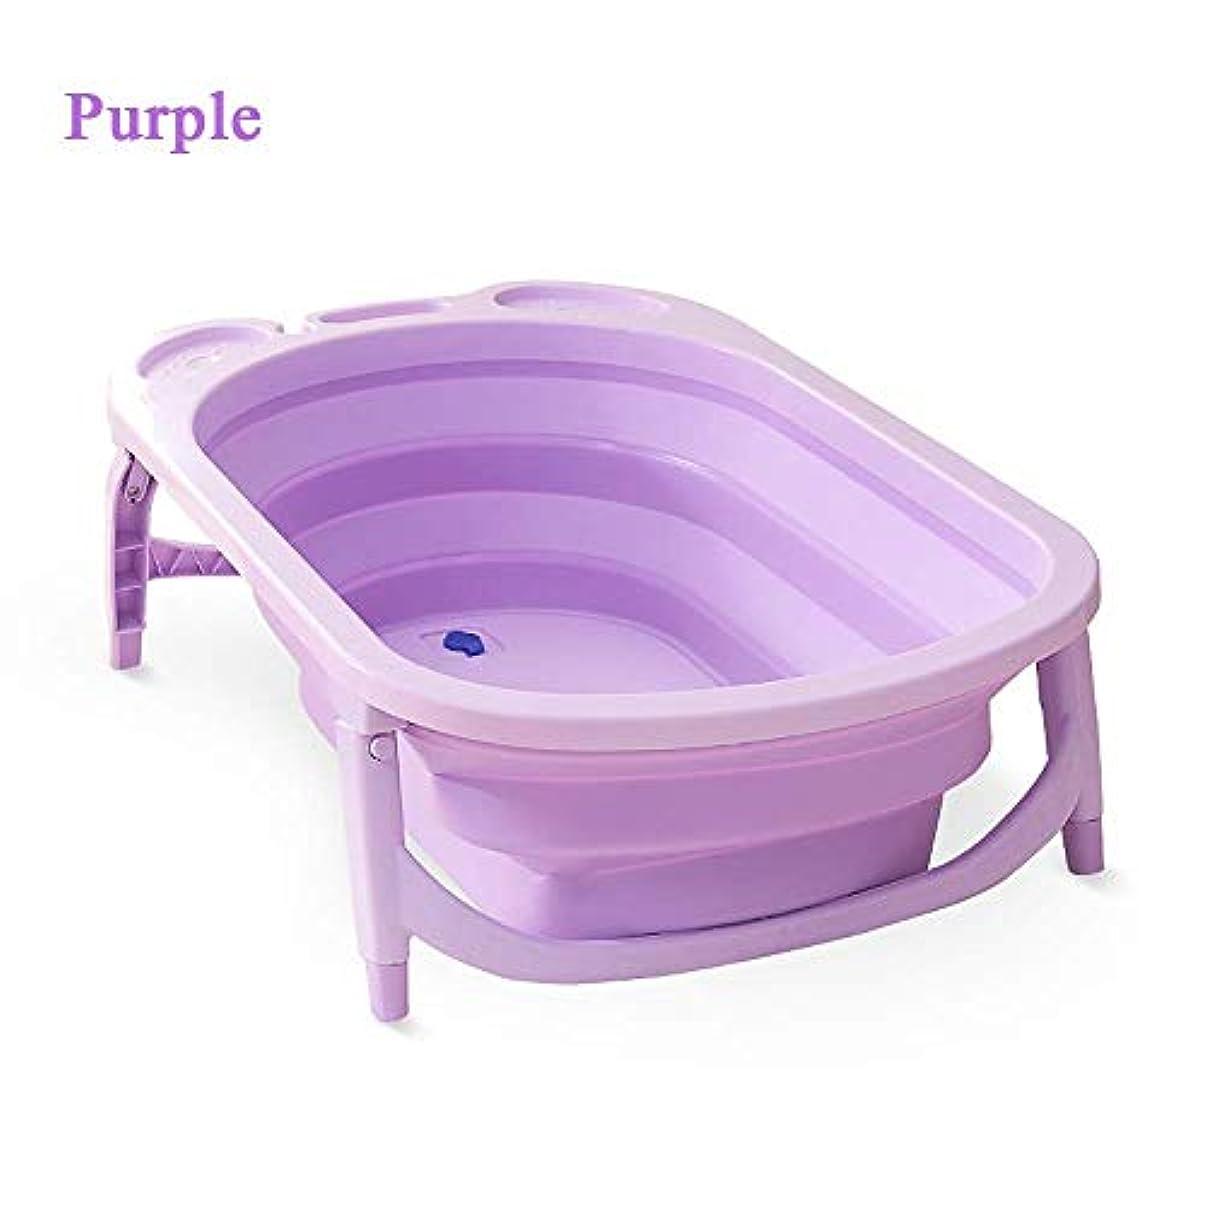 地下憧れ極地折りたたみ浴槽、滑り止めポータブル折りたたみ式ベビーバス浴槽シャワーの洗面台折りたたみ式バスタブベビーシャワーの洗面台(温度検知付き)0?6歳の子供用 (Color : Purple)